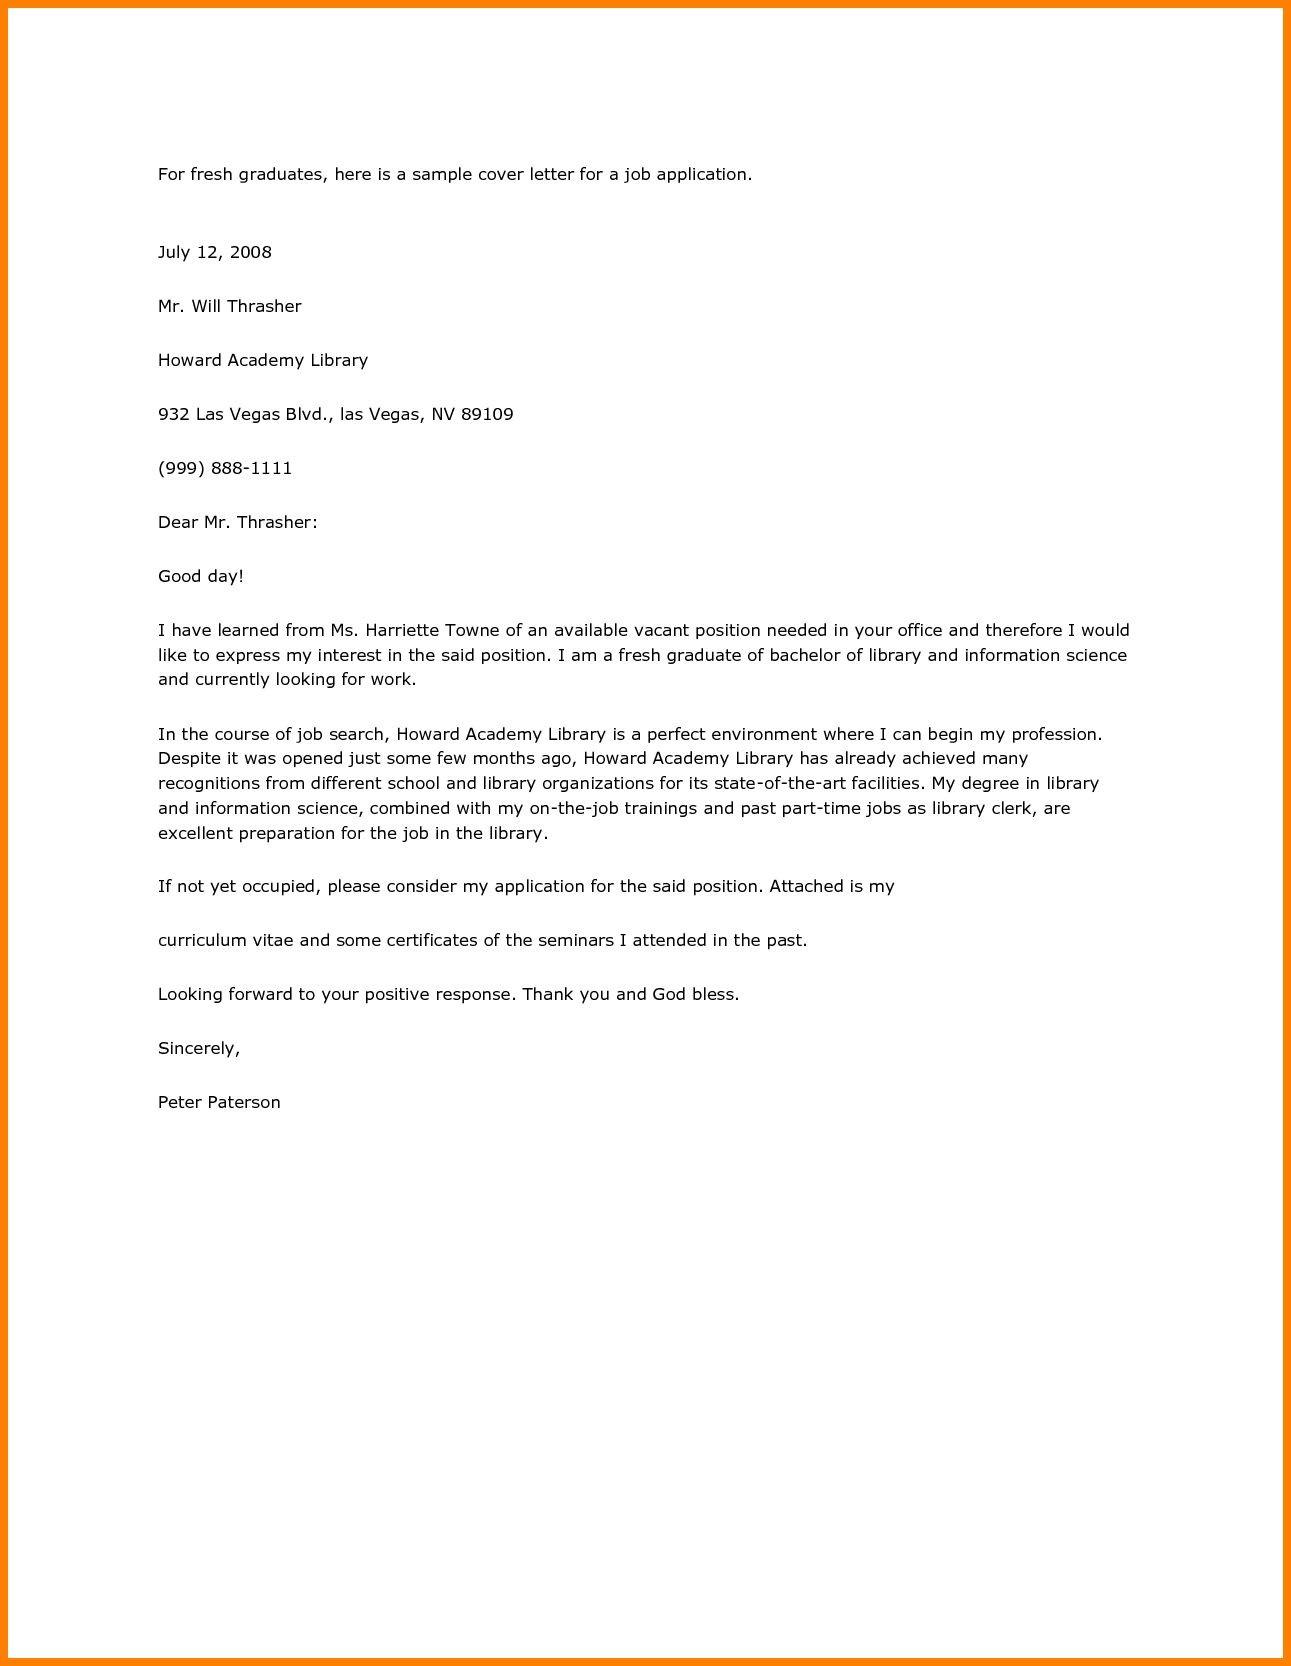 Resume Cover Letter Sample for Fresh Graduate Application Letter Sle for Fresh Graduate Pdf Job Cover Letter ...